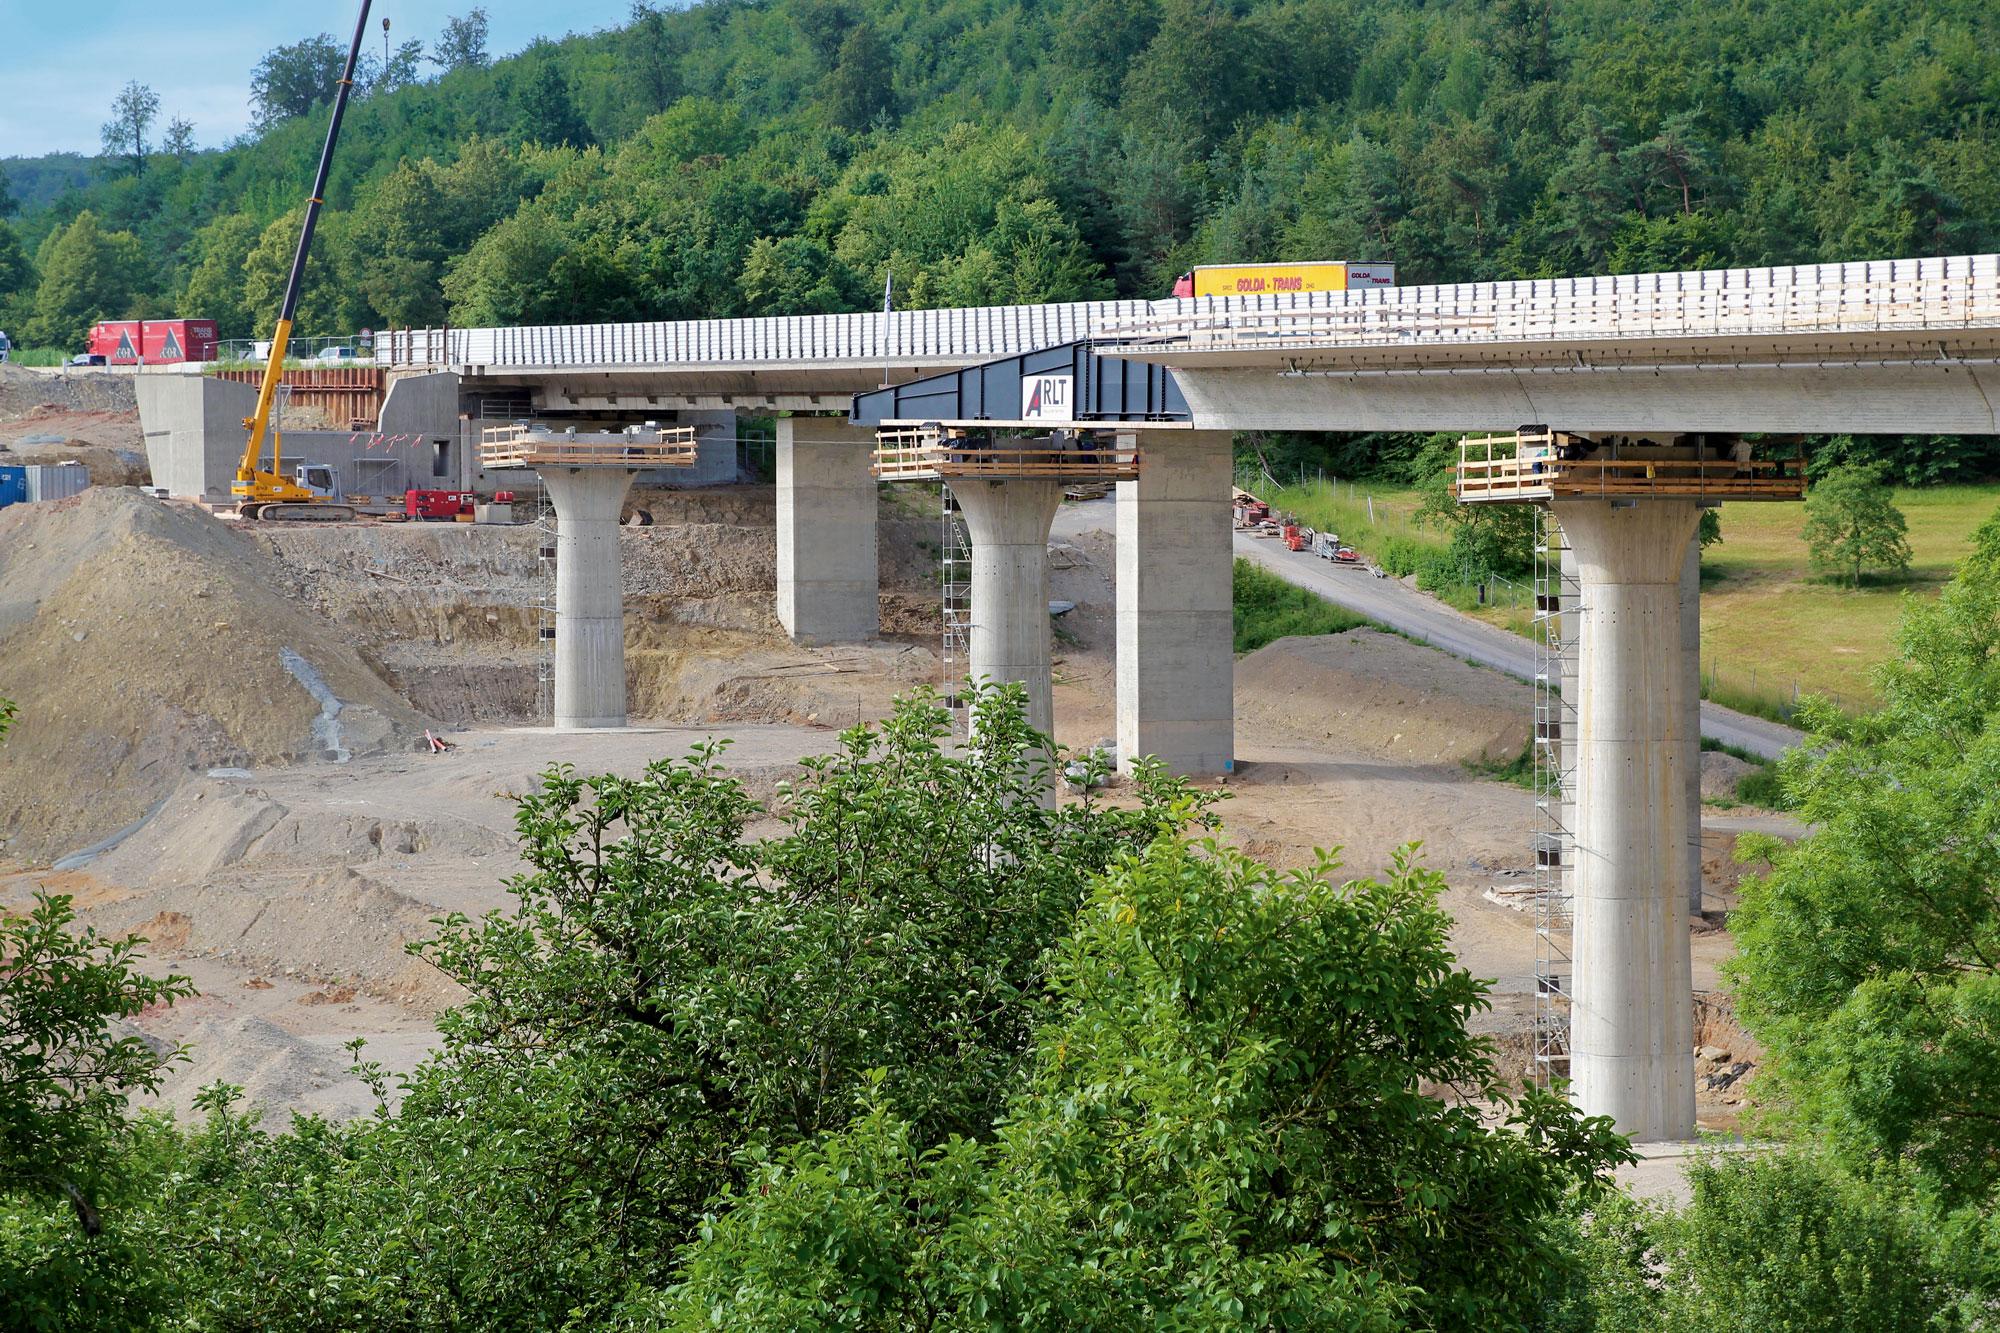 BAB A7BW622aTalbrücke Klöffelsberg